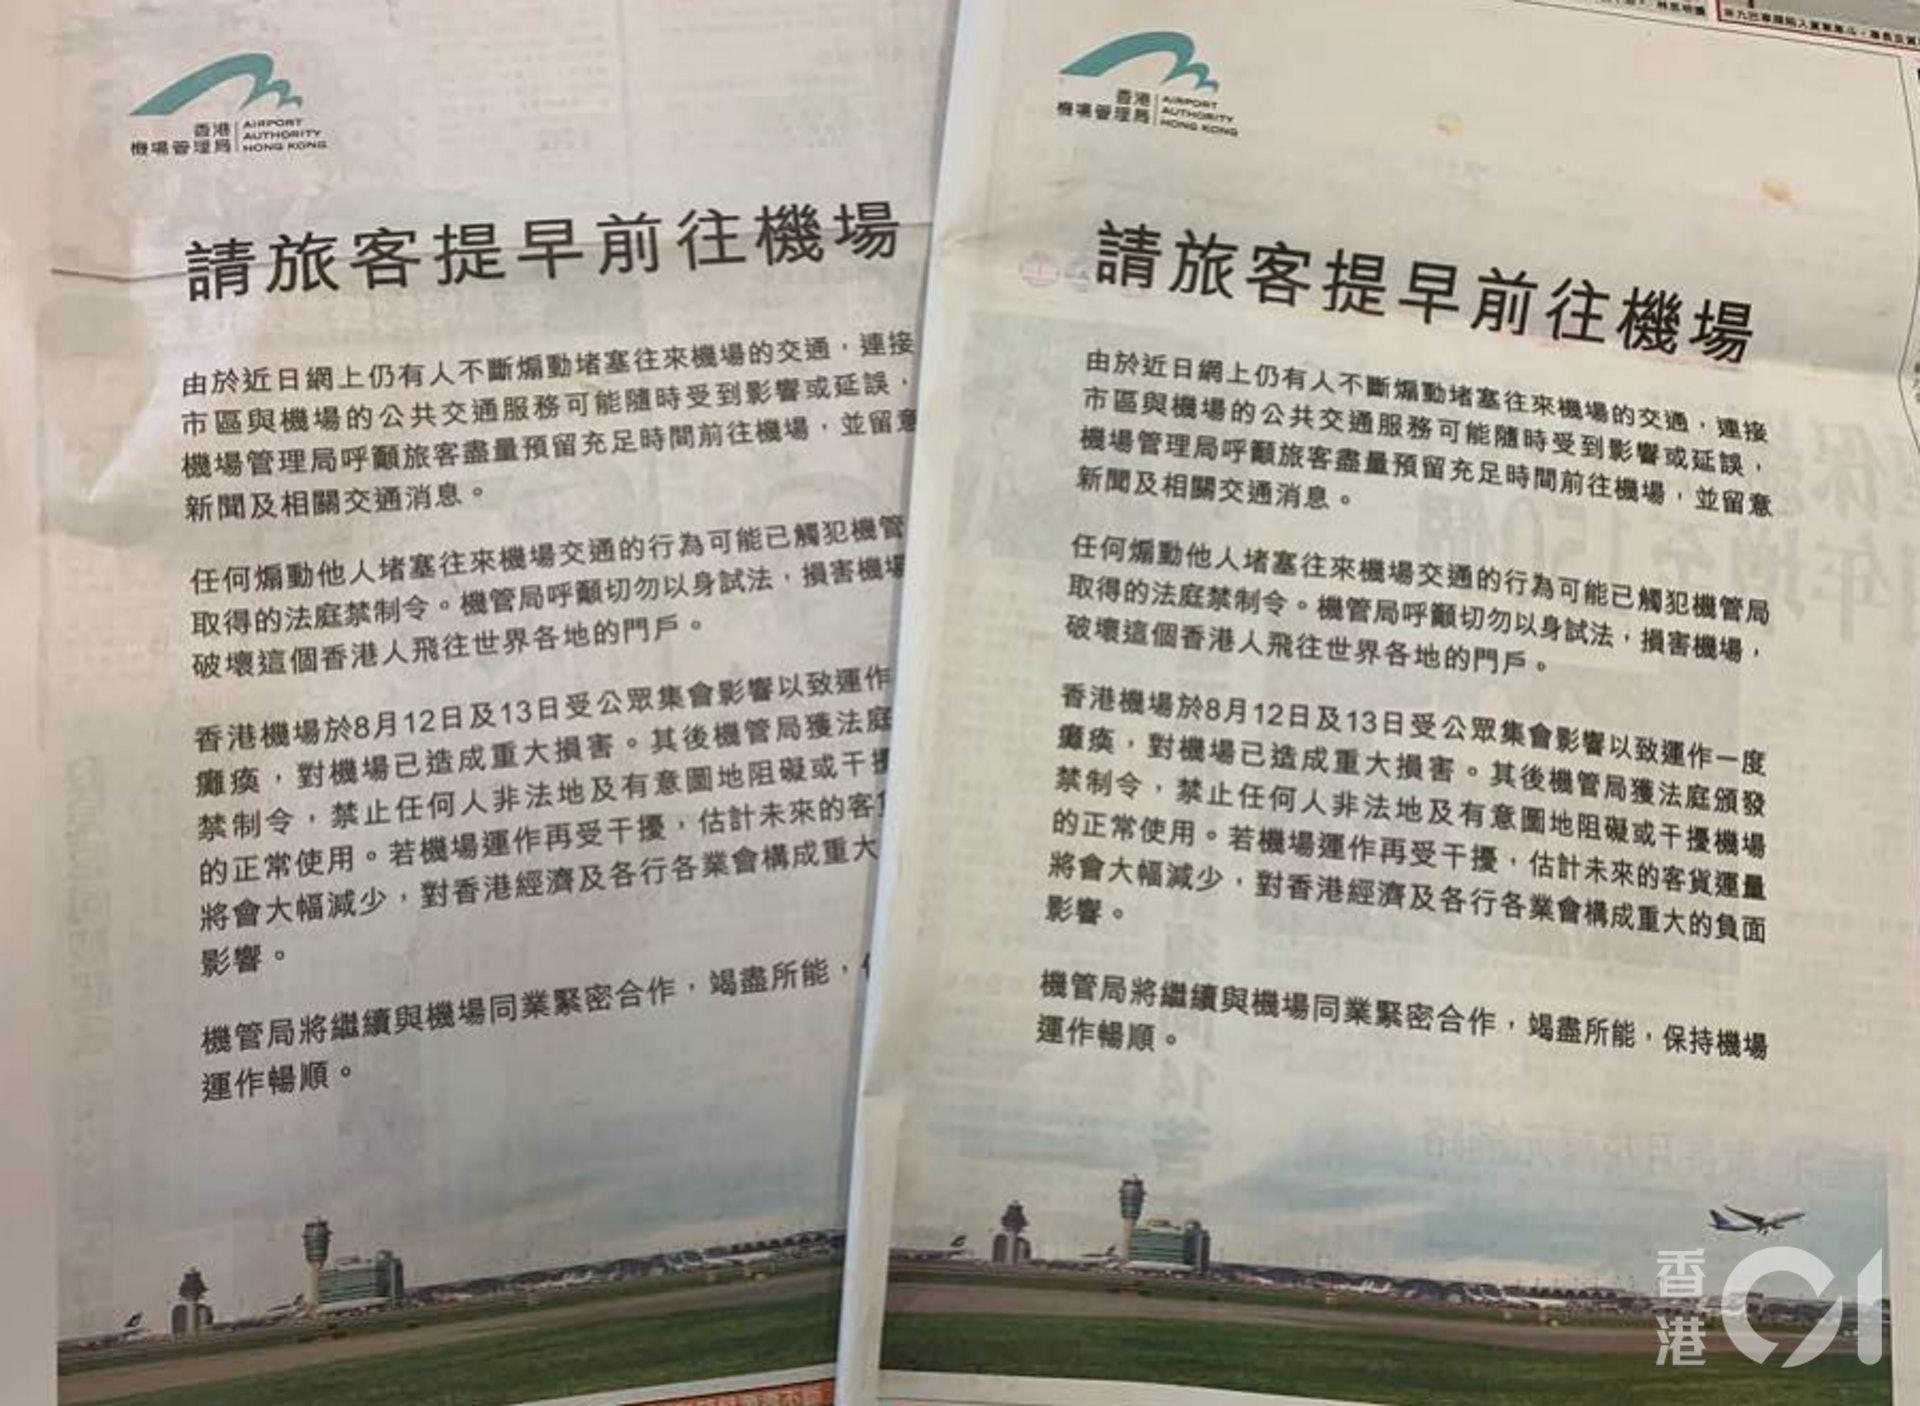 機管局今日在報章刊登廣告,呼籲旅客預留充足時間前往機場。(陳晶琦攝)